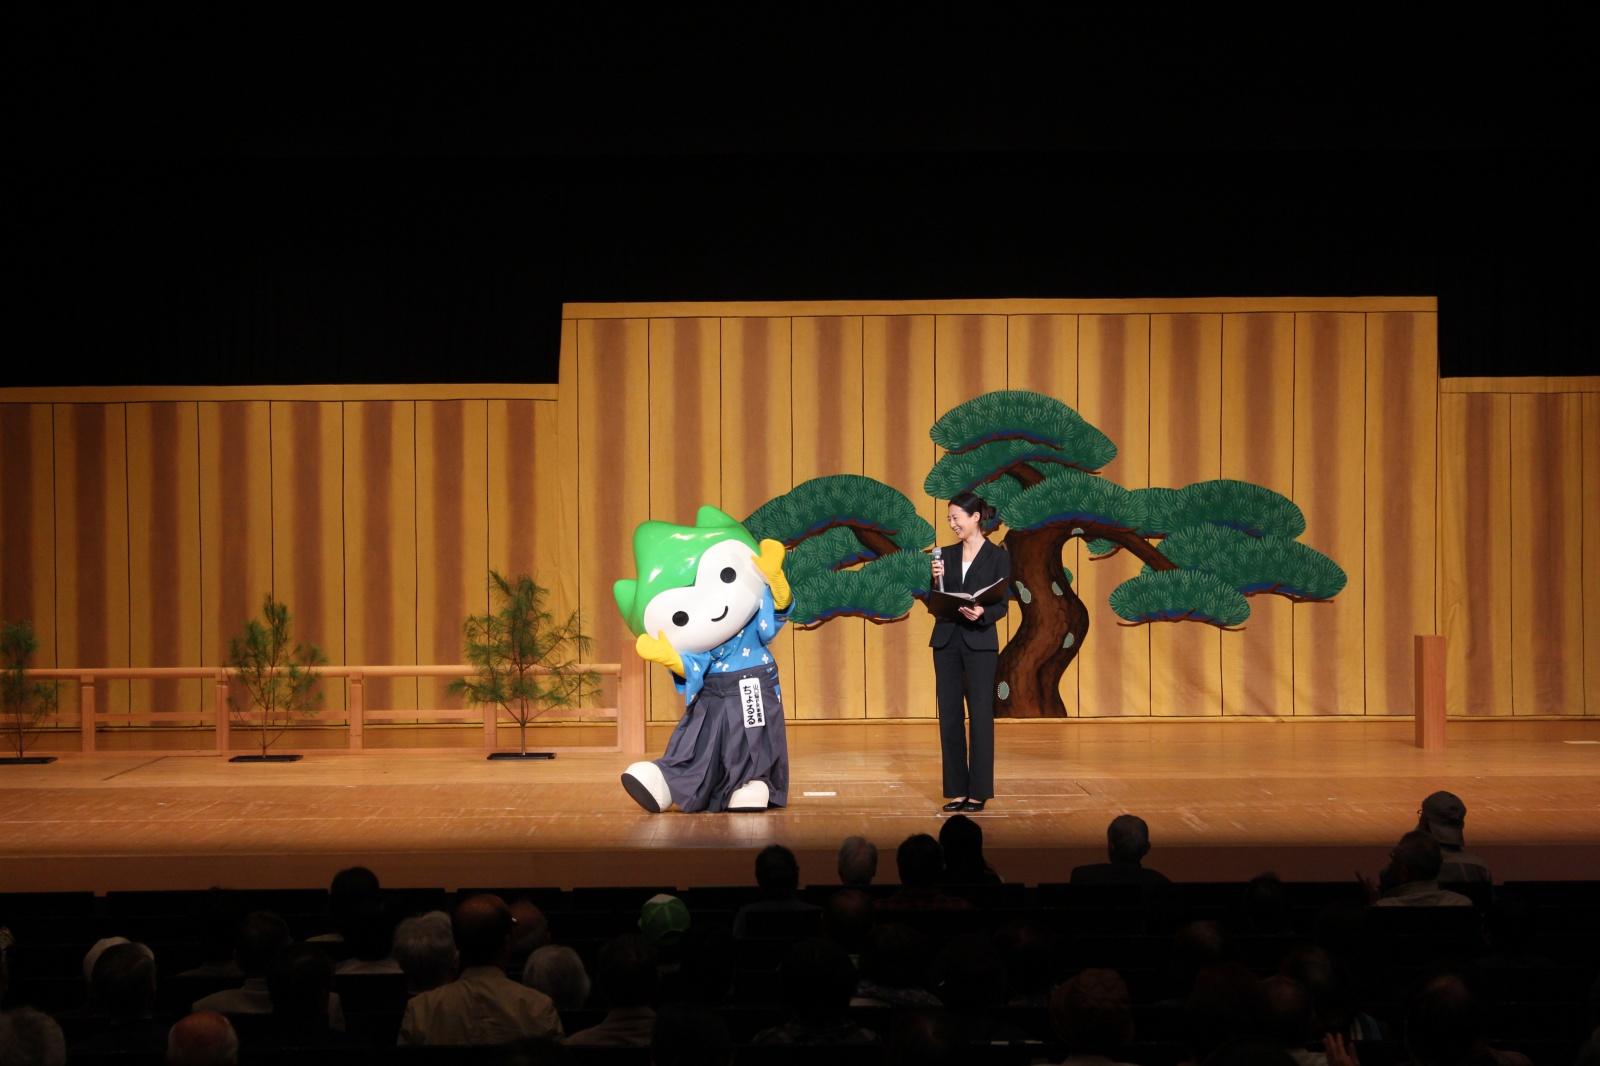 中四国9県の伝統芸能が集結「中四国郷土芸能フェスタ2018in山口」に行ってきたよ☆彡